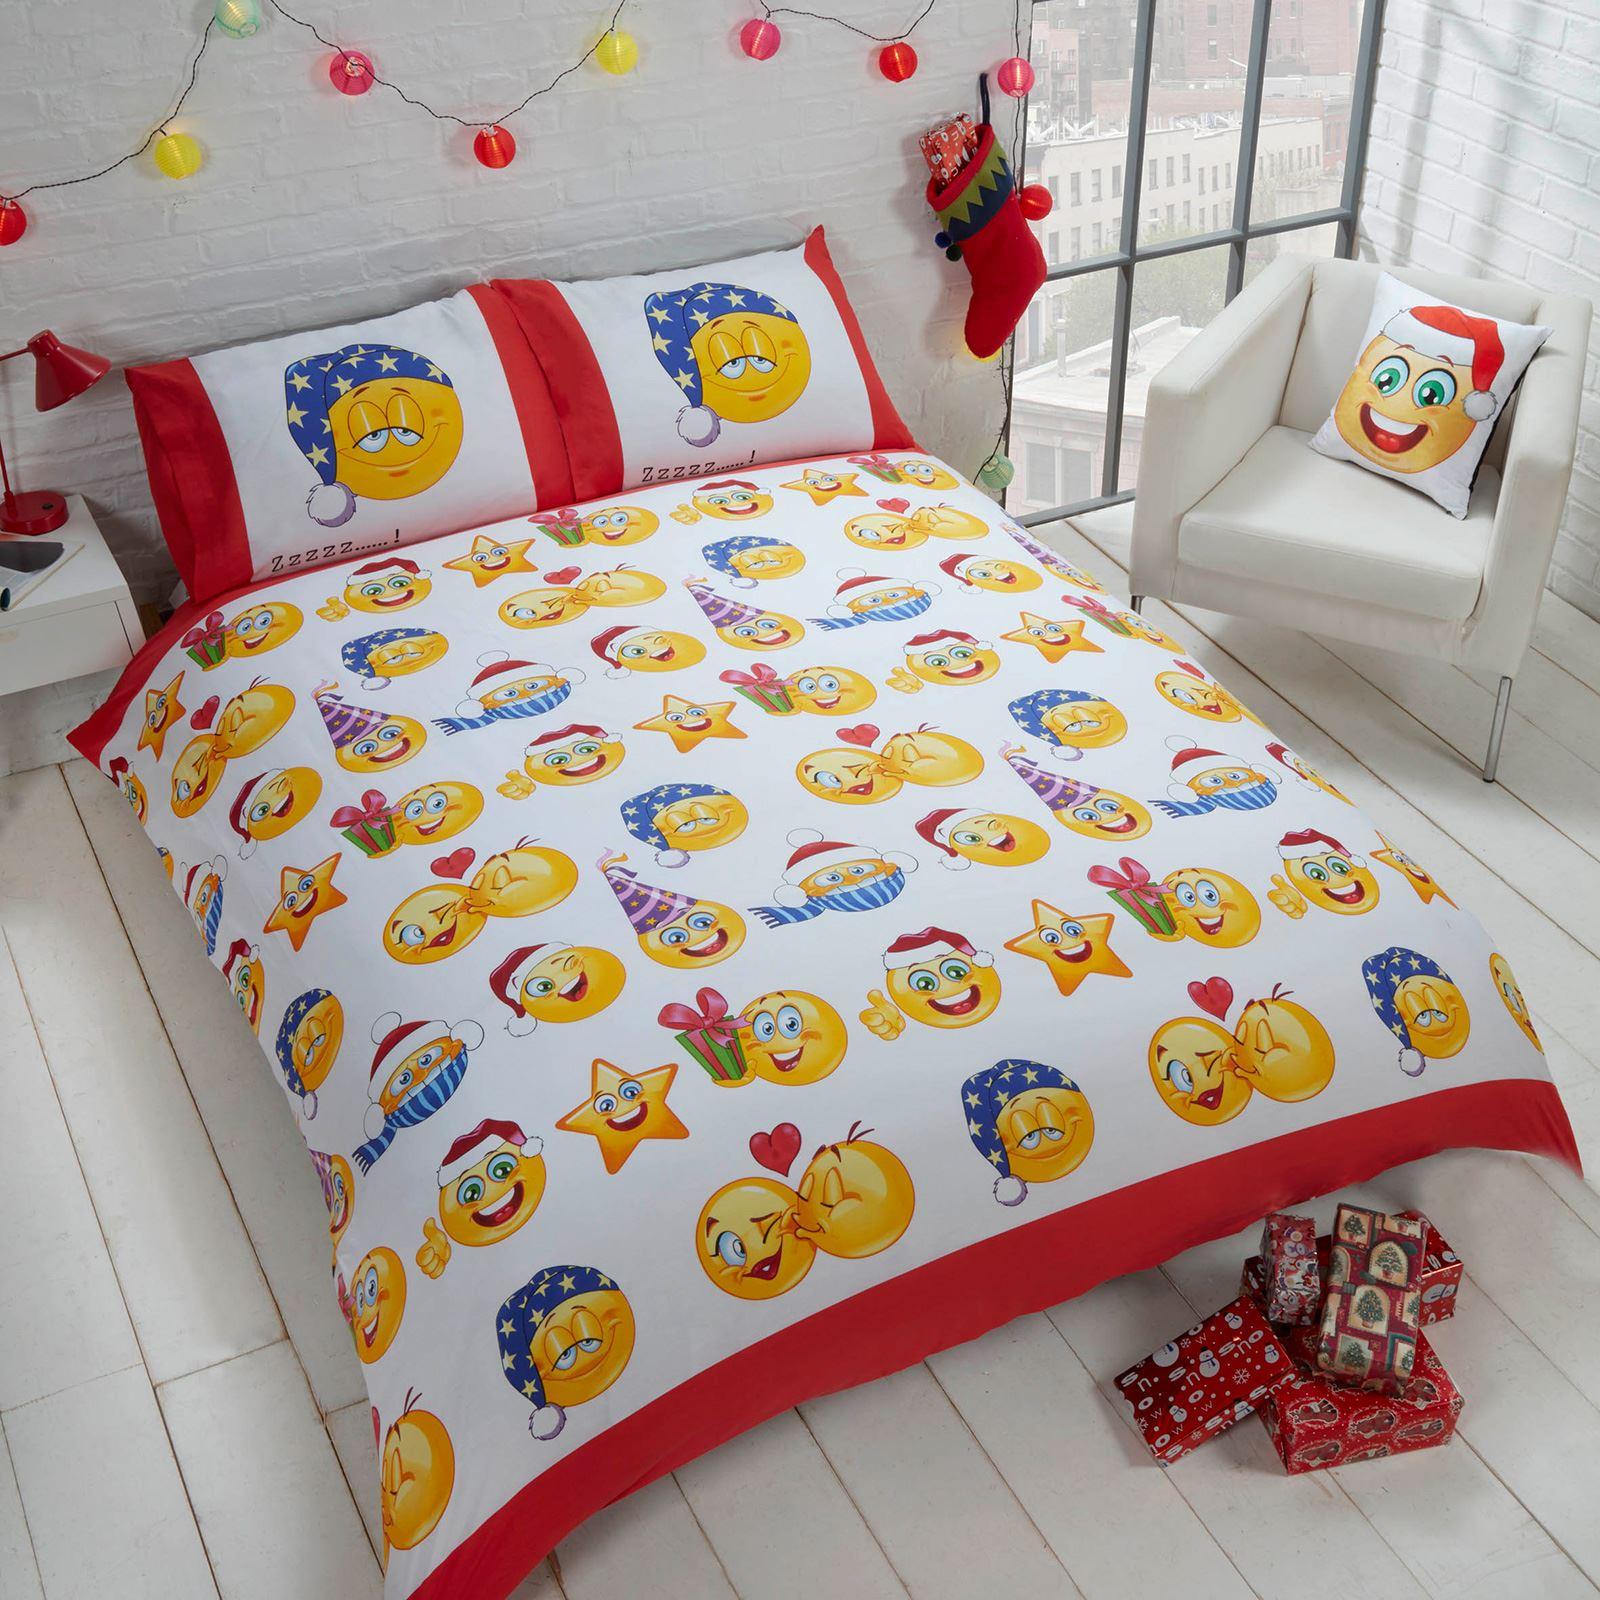 Indexbild 34 - Teenager Bettwäsche Sets - Einzel / Doppelbett Bettwäsche Jungen Musik Graffiti